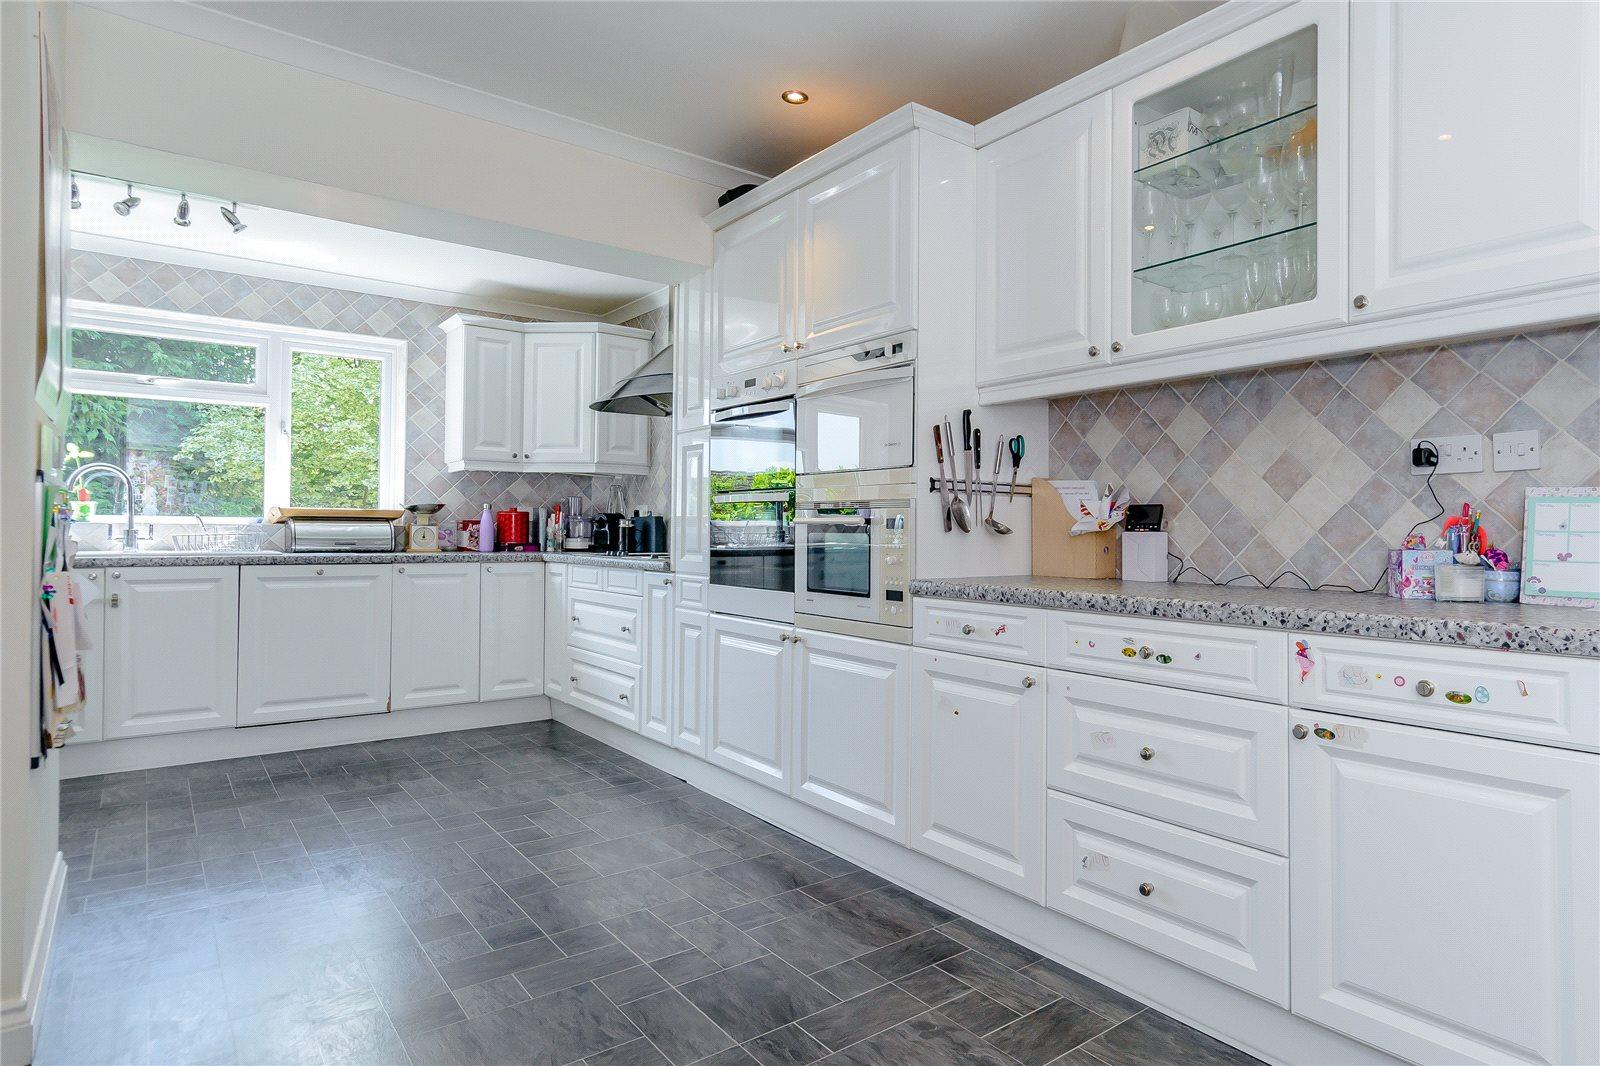 Crabtree Lane, Harpenden, Hertfordshire, AL5: a luxury home for sale ...